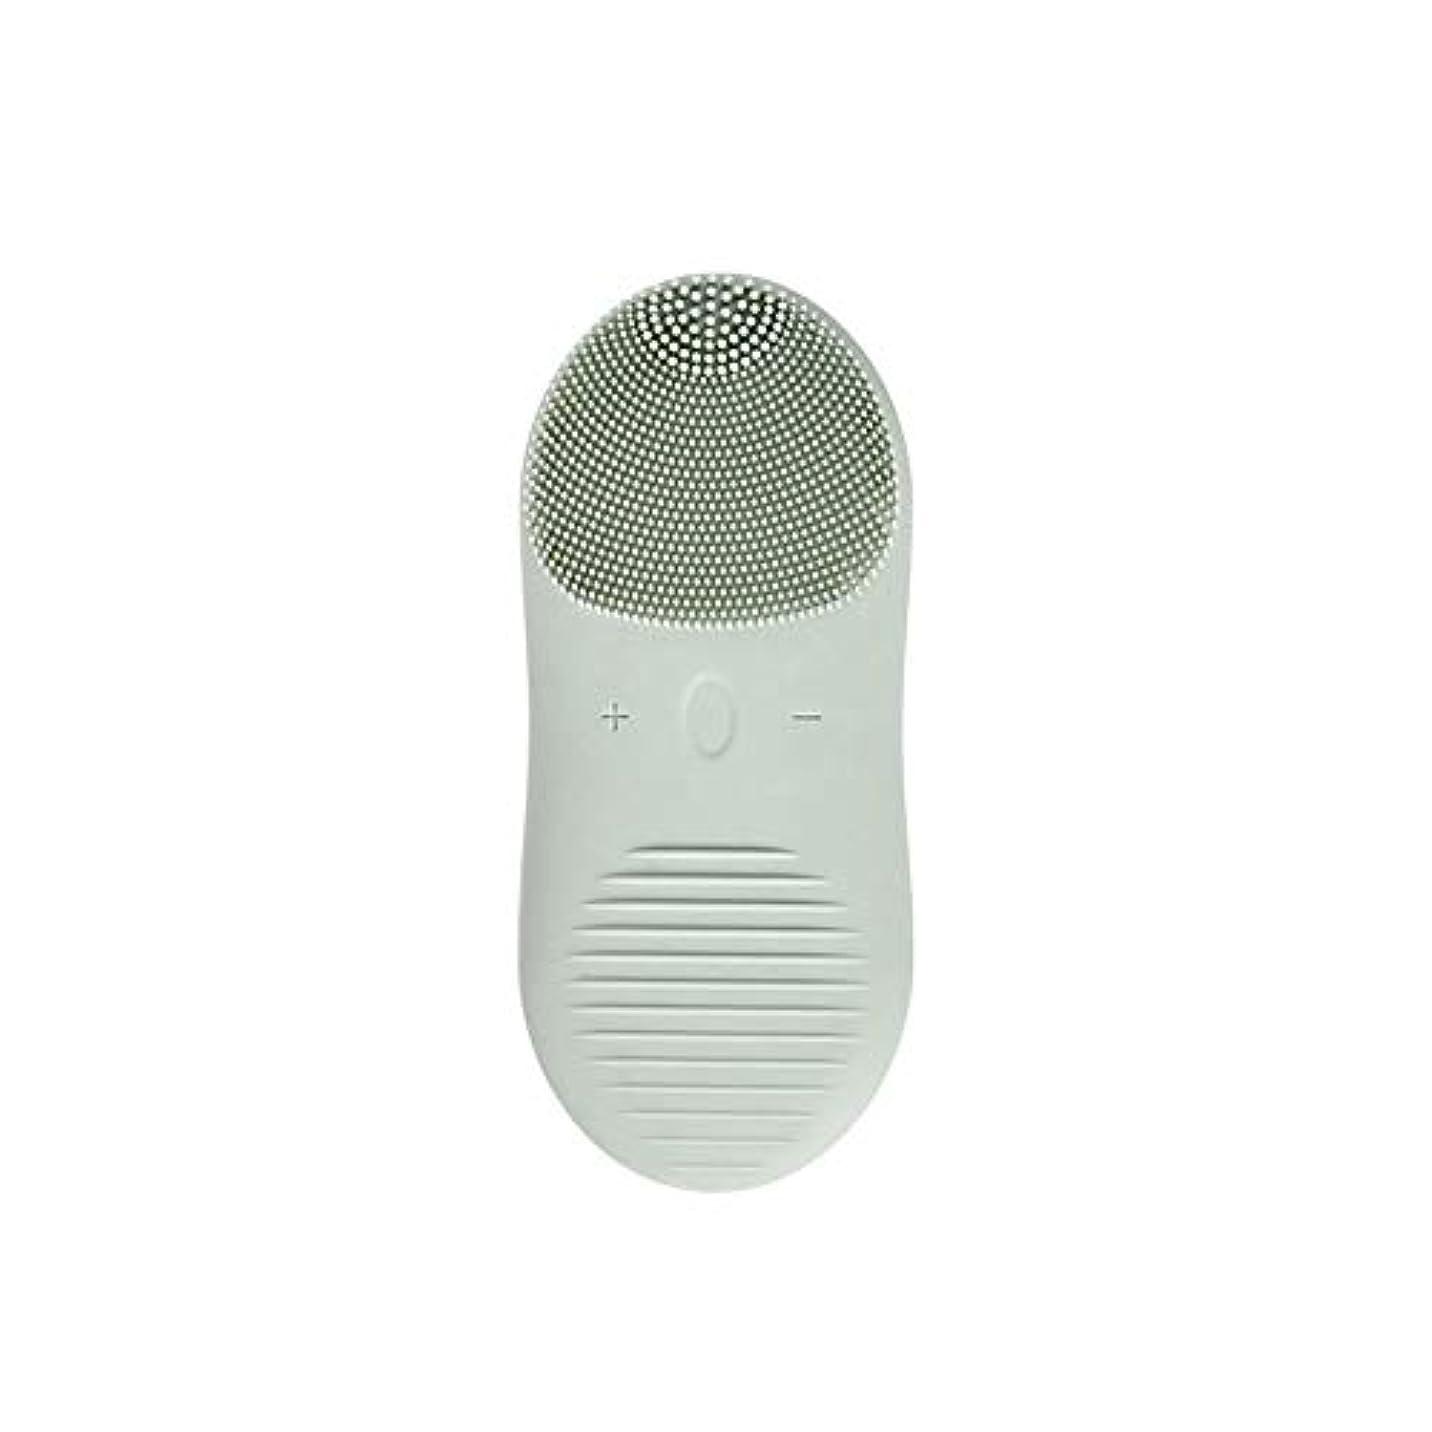 パイロット中古覗くZXF 新しい電気技師シリコーンクレンジングブラシ防水超音波振動クレンジング楽器USB充電マッサージ器具美容器具 滑らかである (色 : Green)